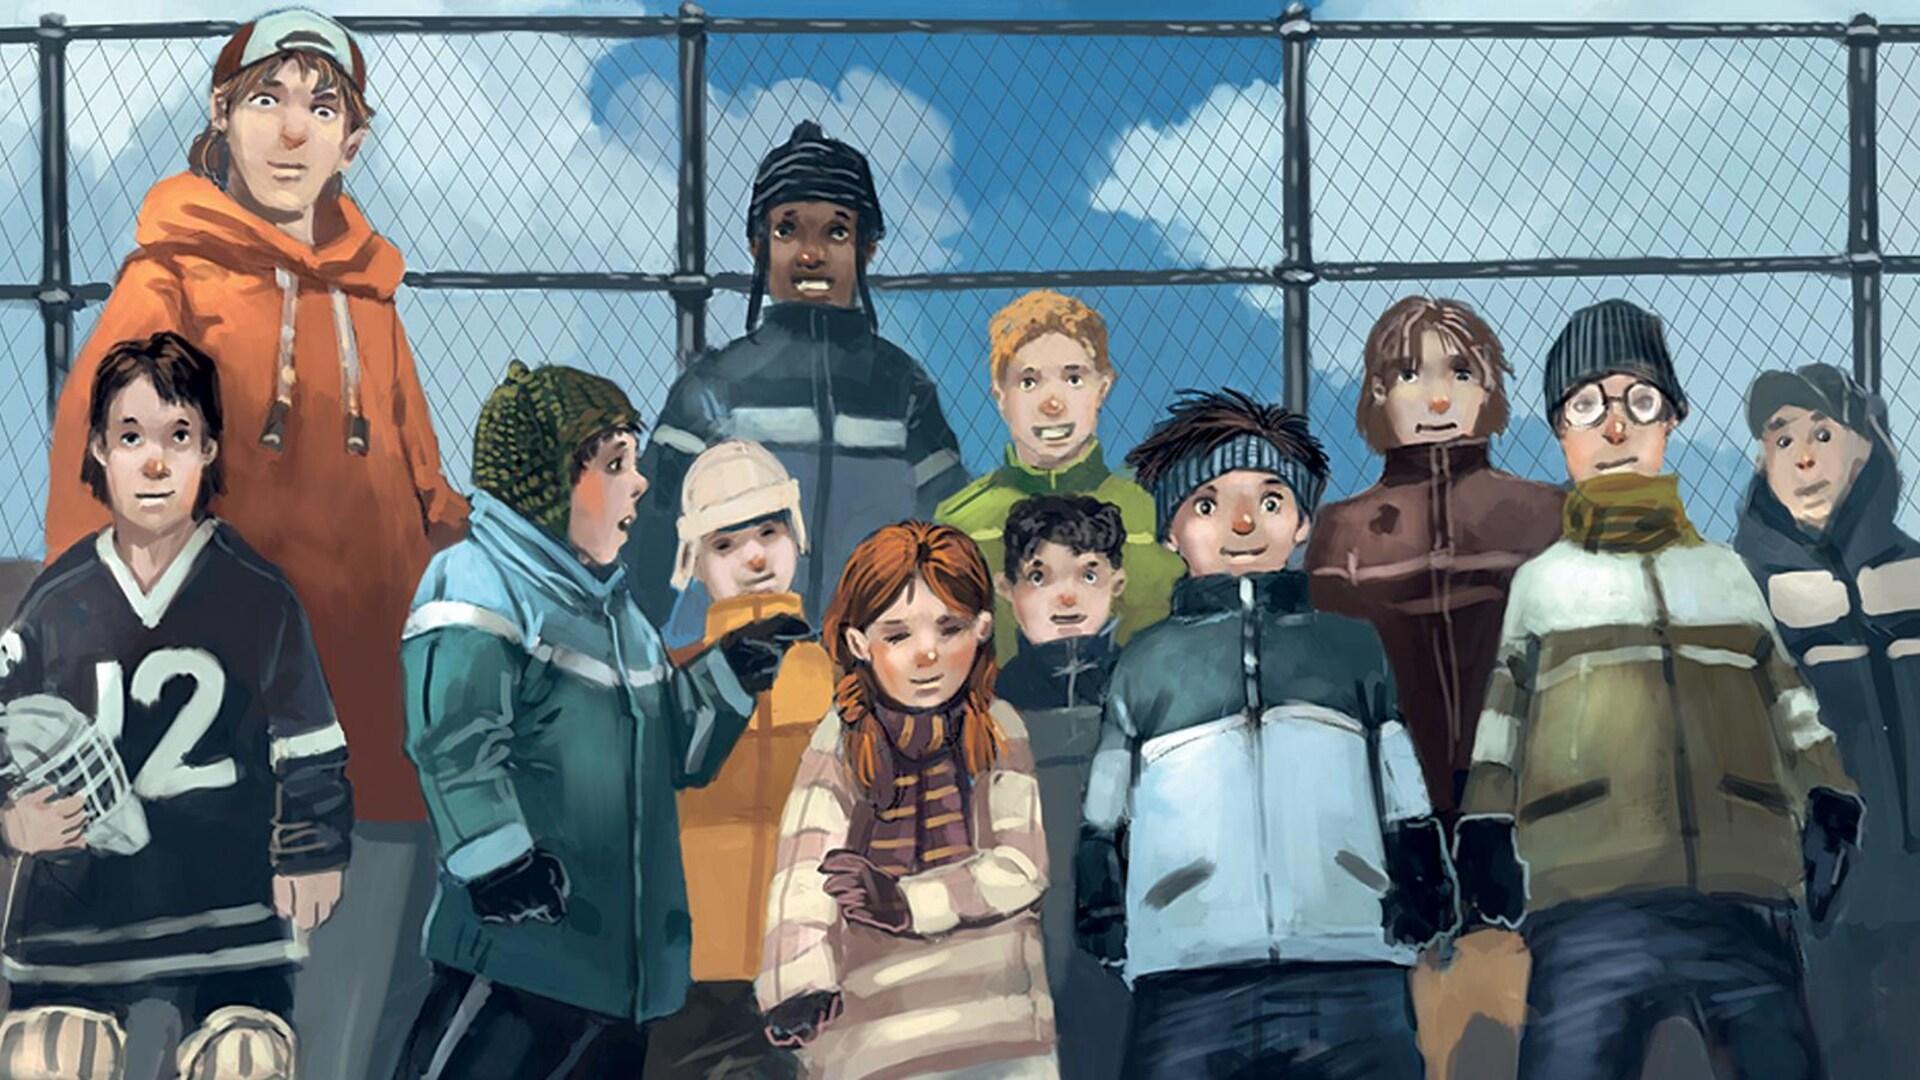 Illustration d'une dizaine d'enfants sur une patinoire extérieure, les bâtons de hockey jetés sur la glace comme des mikados.